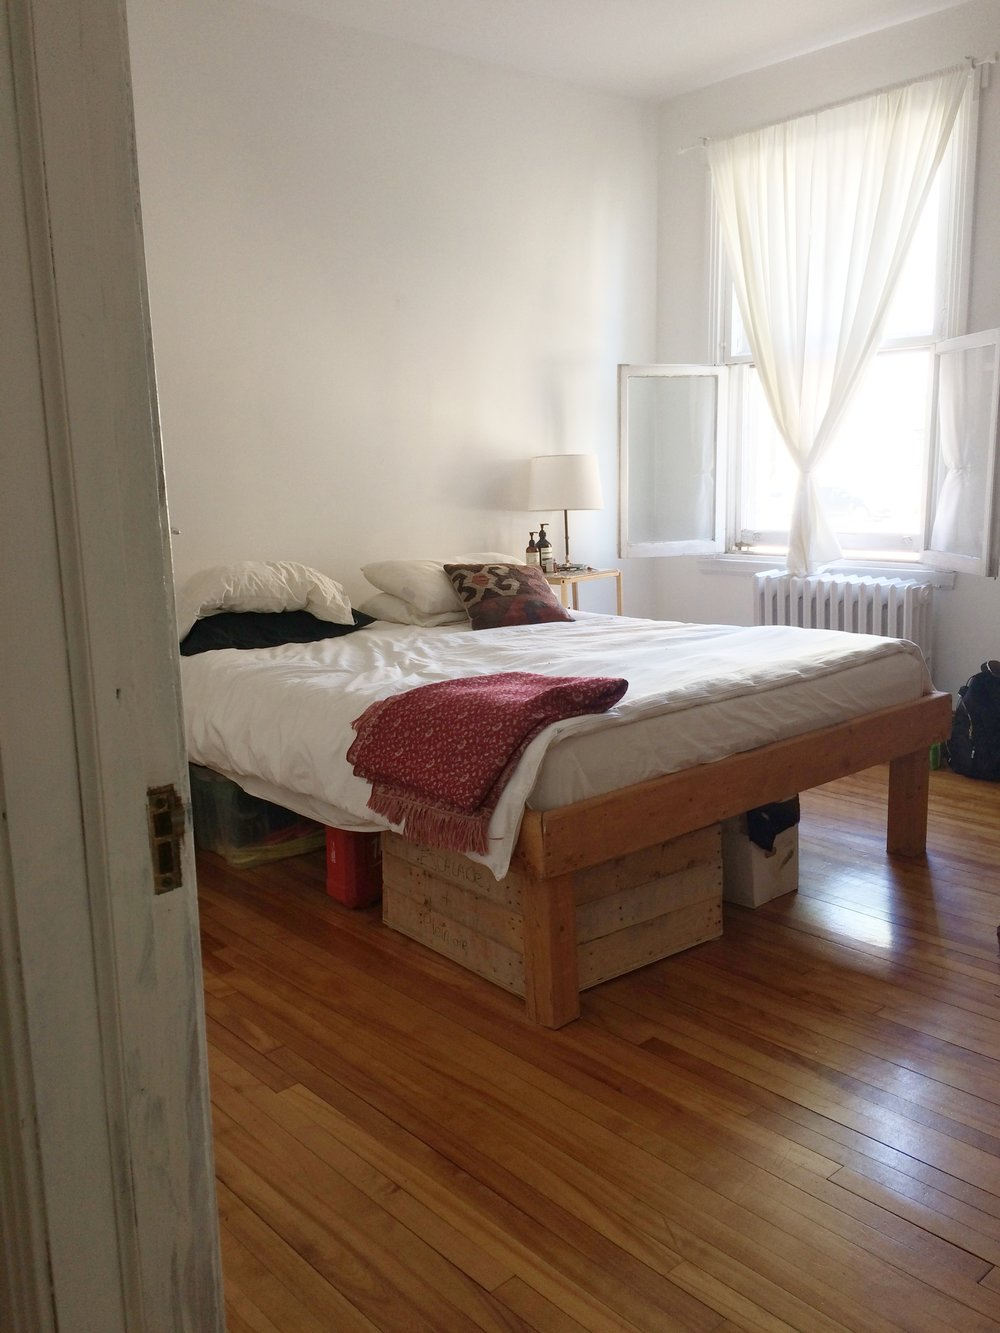 Bedroom: 50%? 60%? 40%?